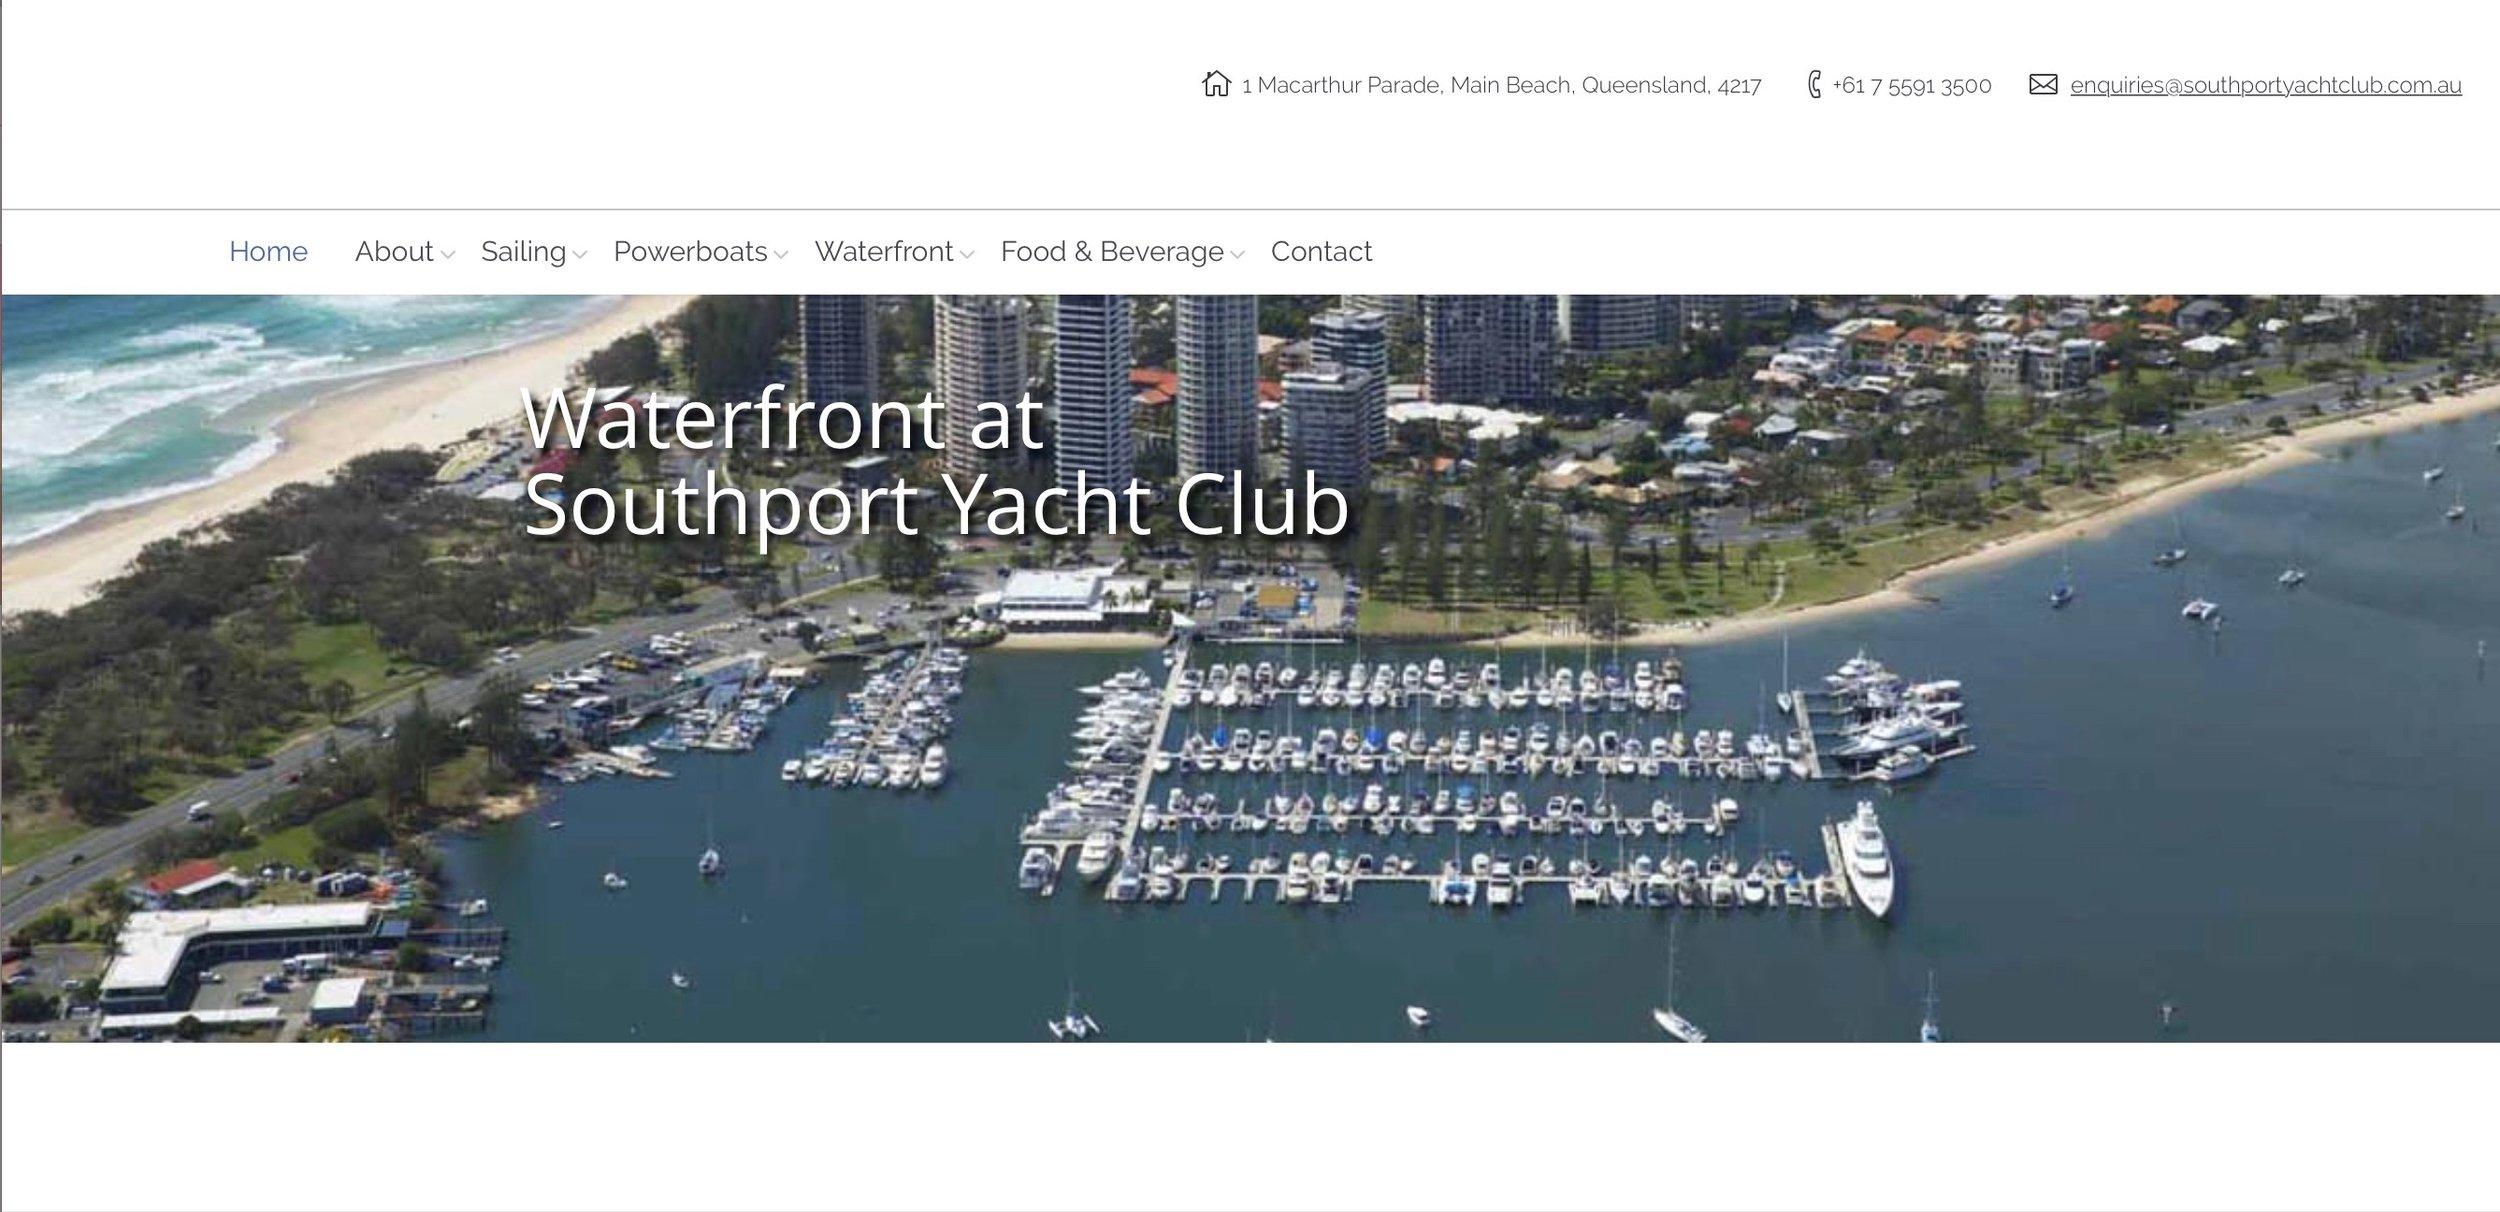 http://www.southportyachtclub.com.au